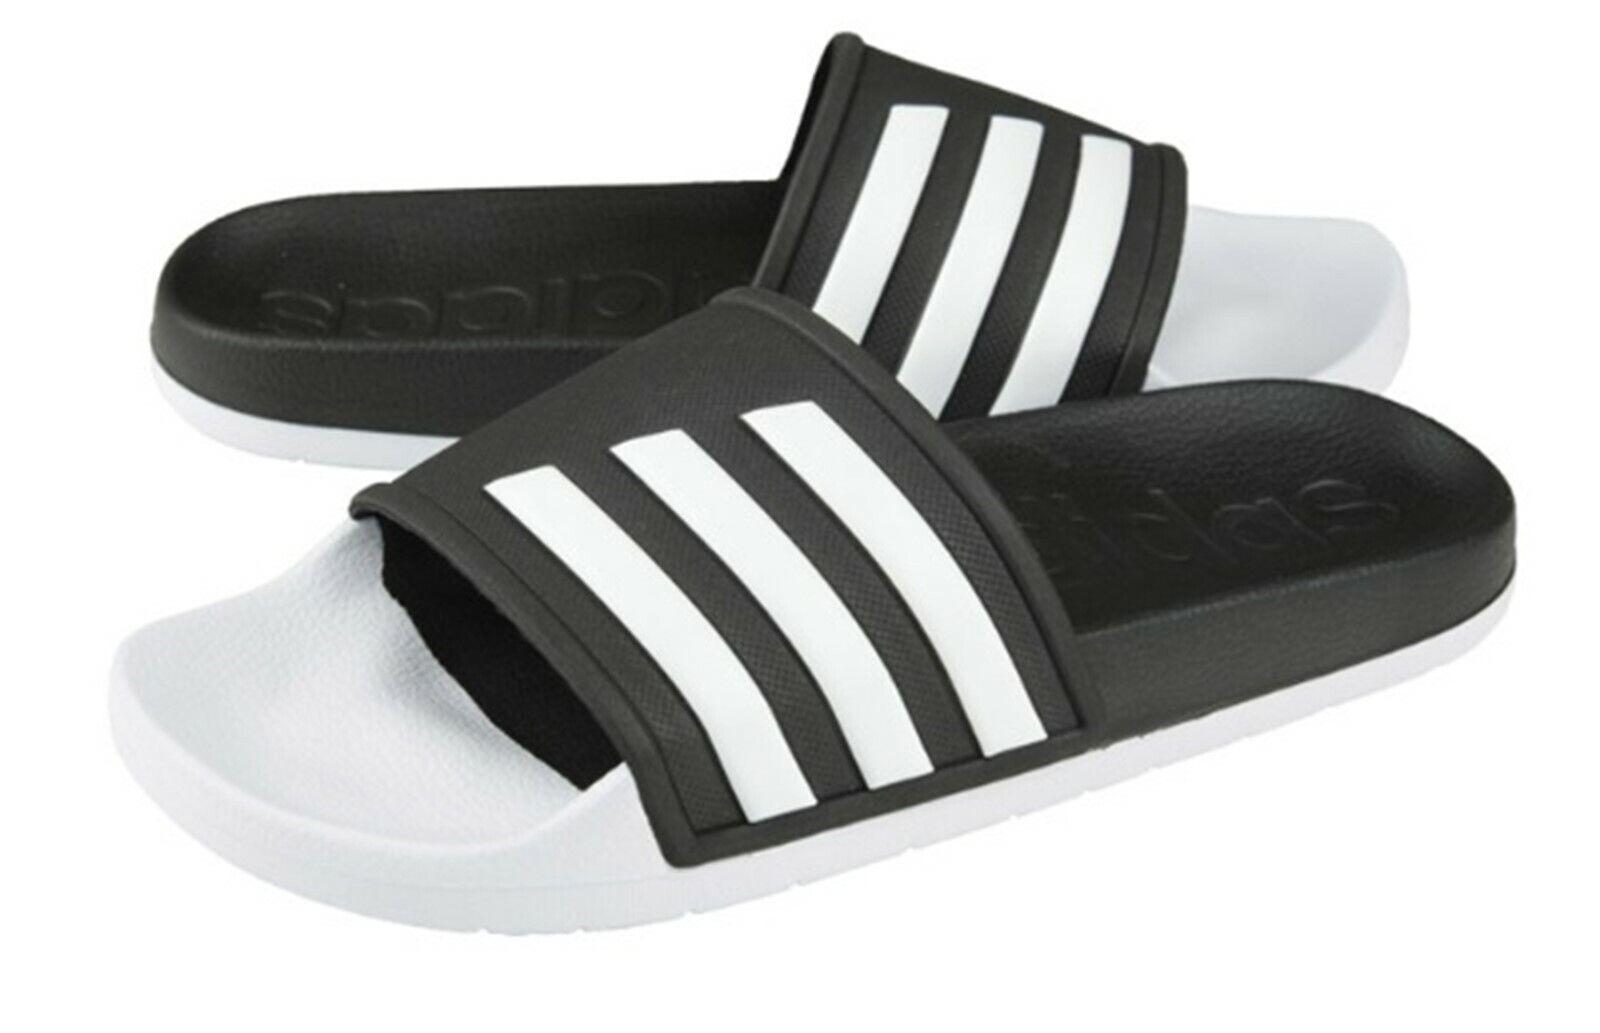 Adidas Men ADILETTE TND Slide Slipper Training Black White shoes Sandales F35437